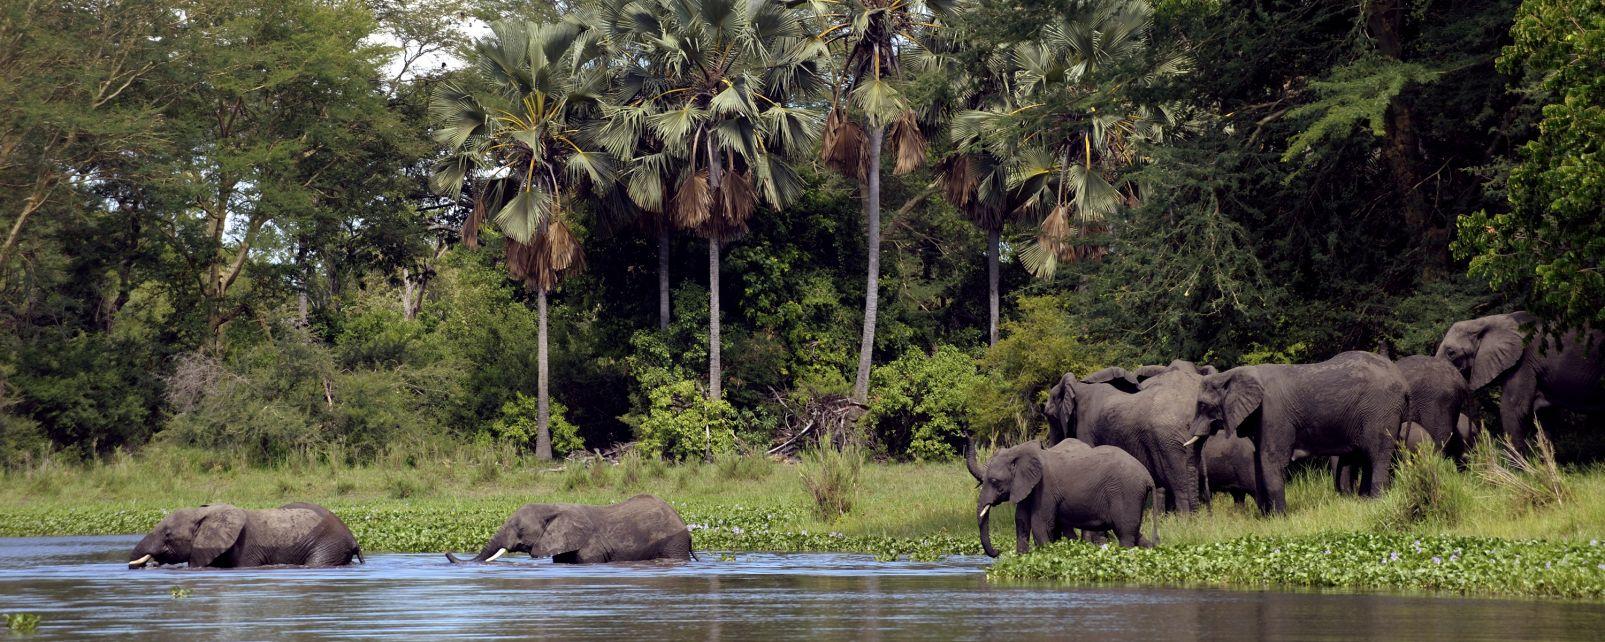 Les paysages, Afrique Malawi Parc National Liwonde éléphant elephant pachyderme faune animal